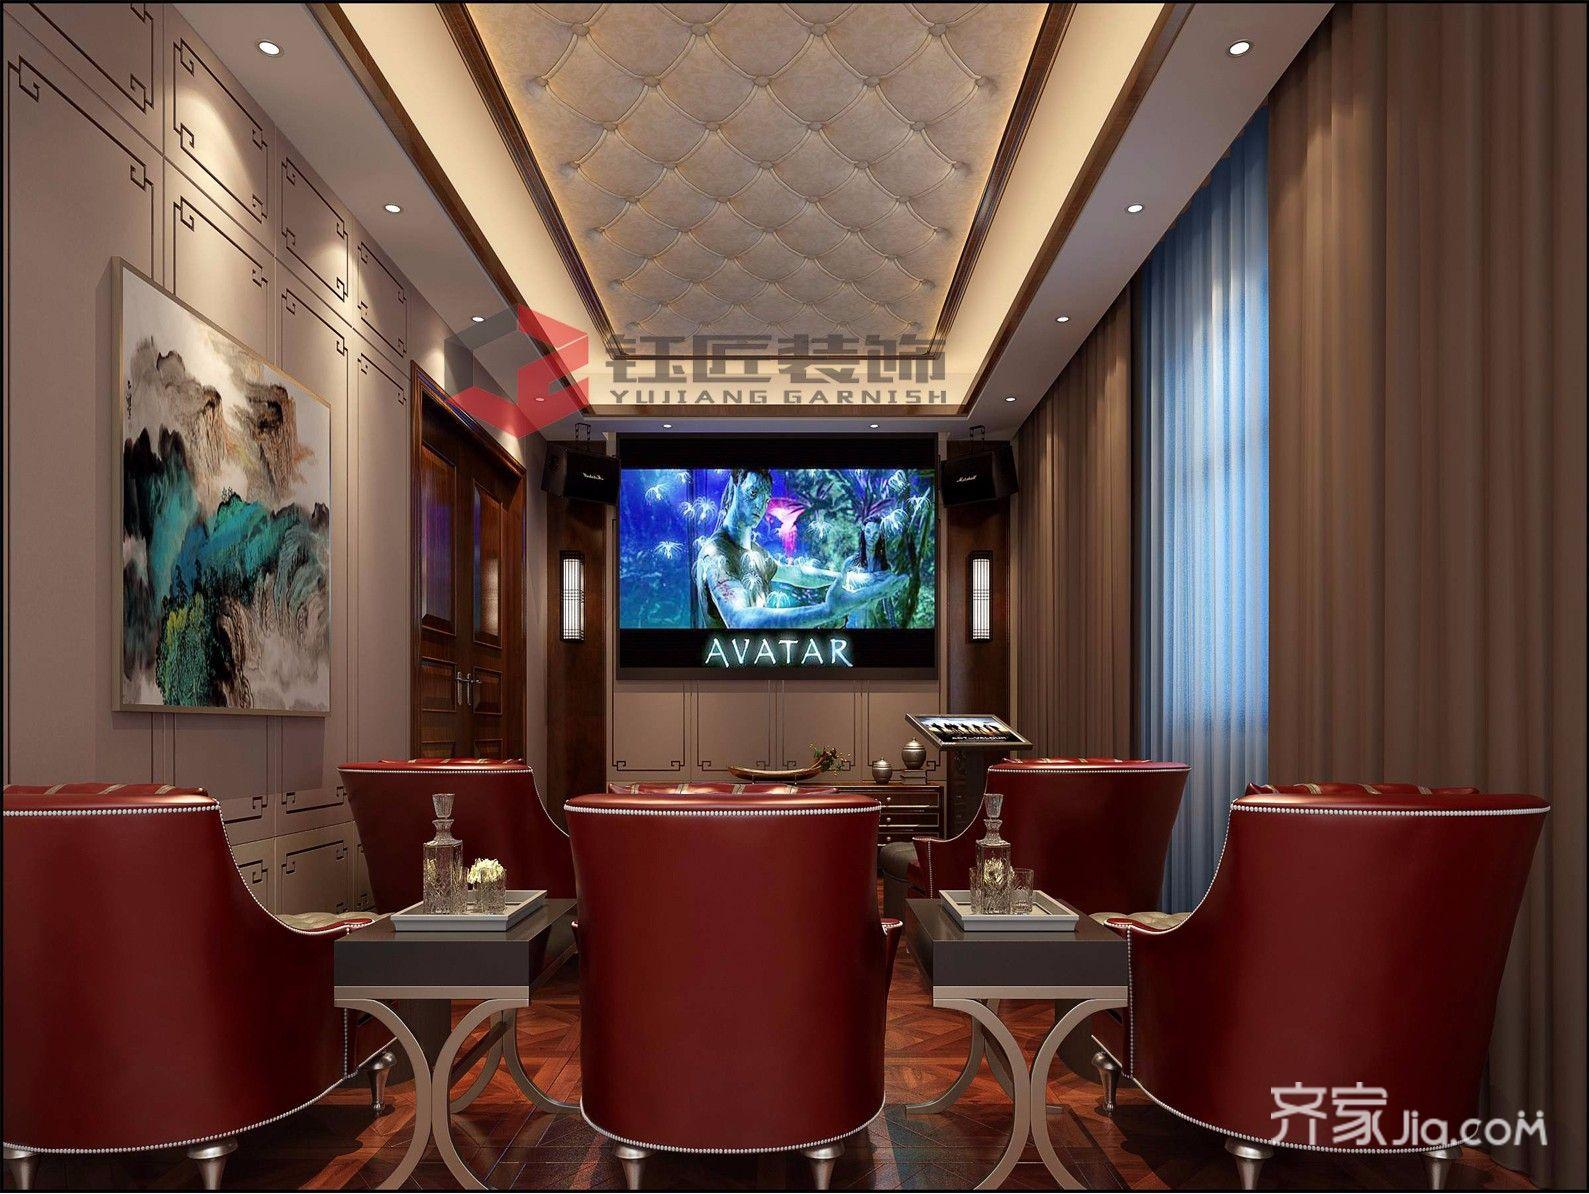 豪华新中式风格别墅影音室装修效果图